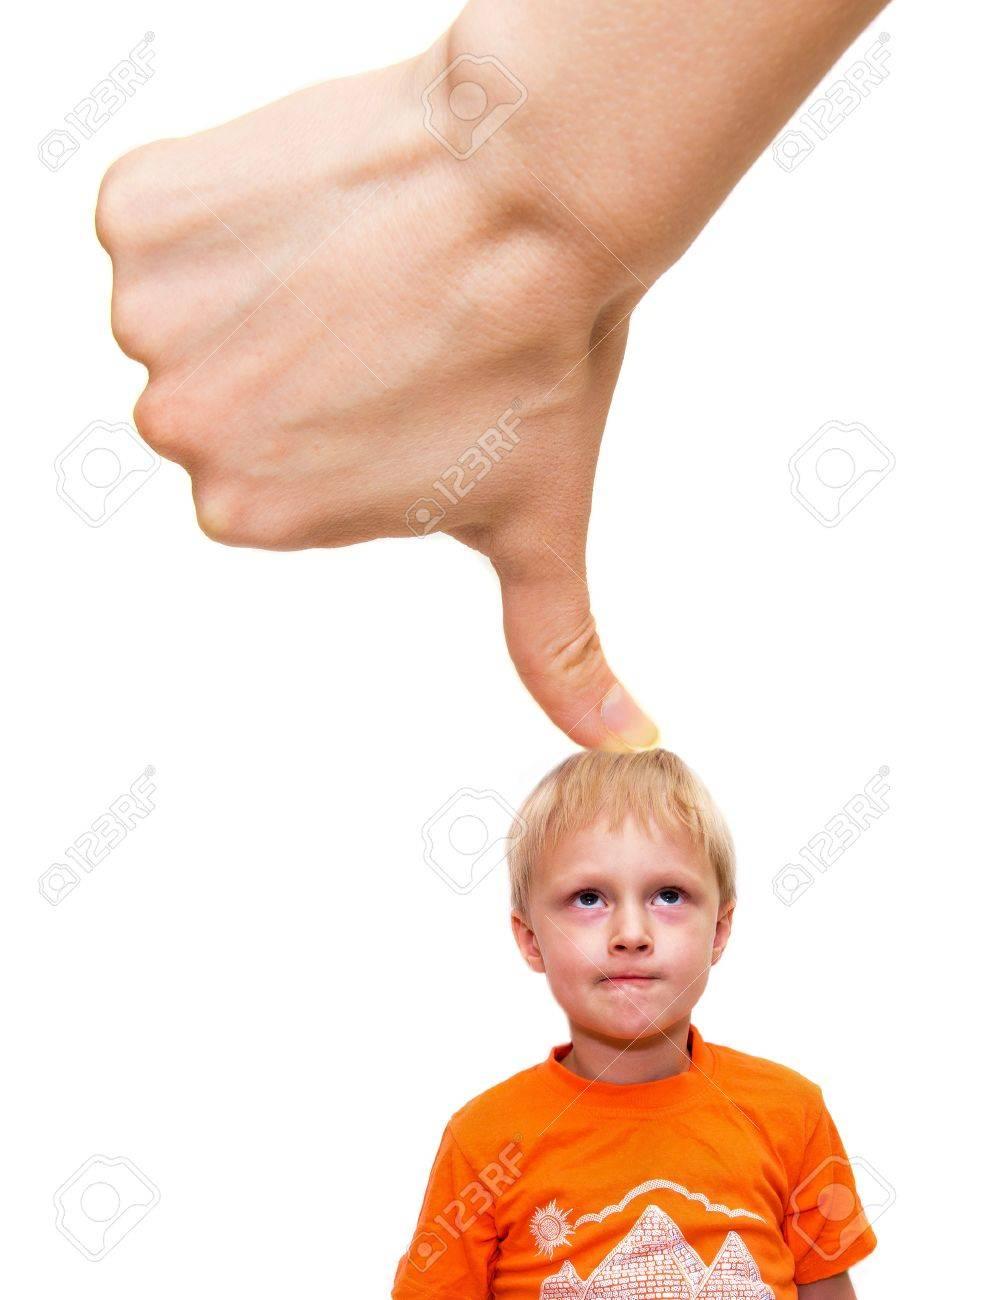 Grote Duim Met De Hand In En Druk Kind Geãsoleerd Op Wit Stress